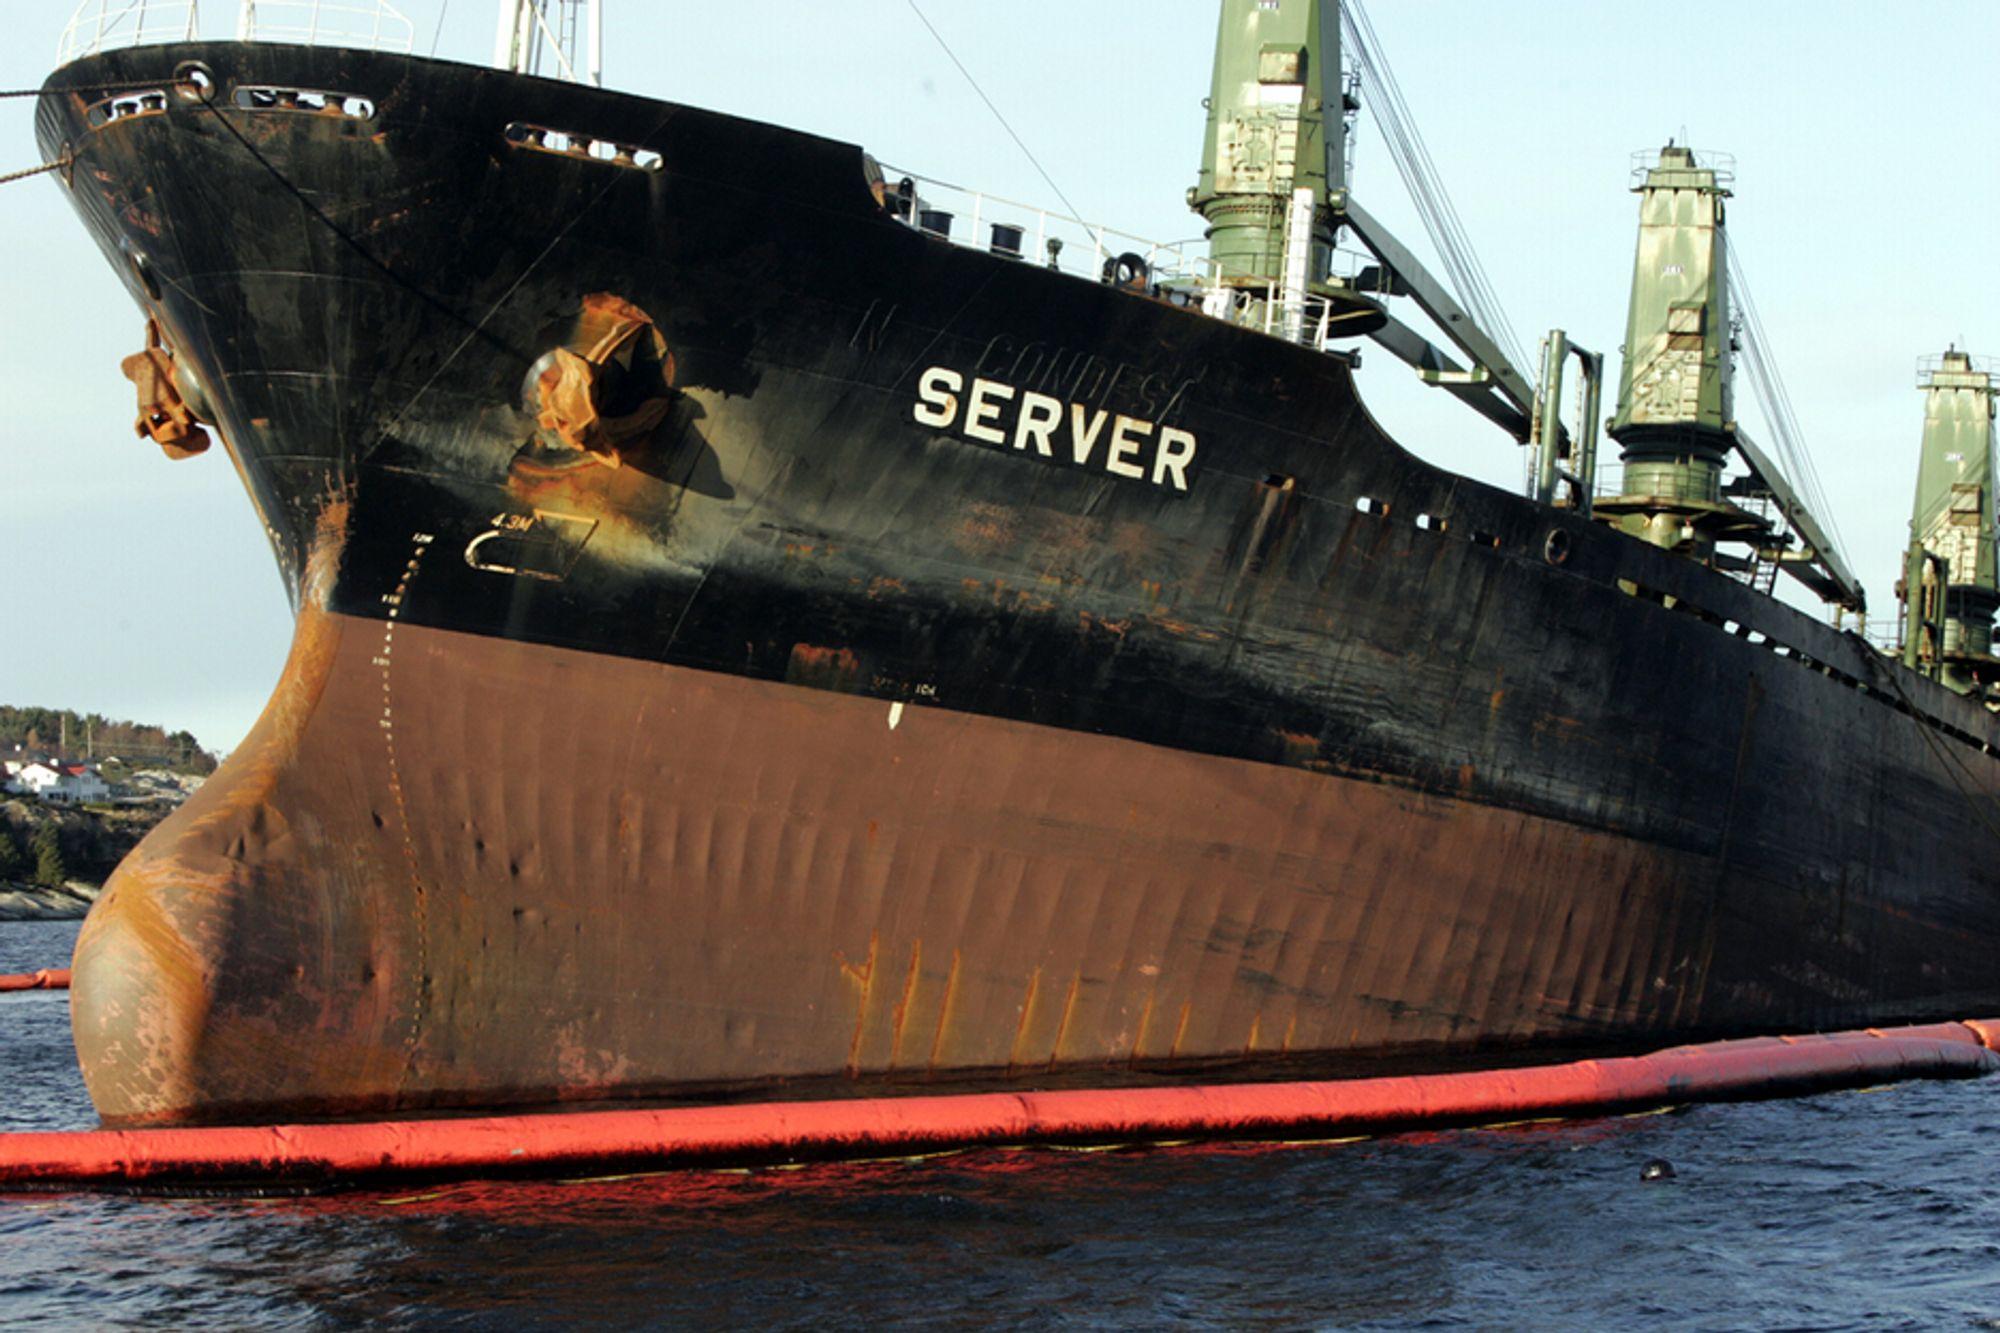 HAVARIST: Her er forskipet av Server ved Ågotnes, før sleping til Høylandsbygd.